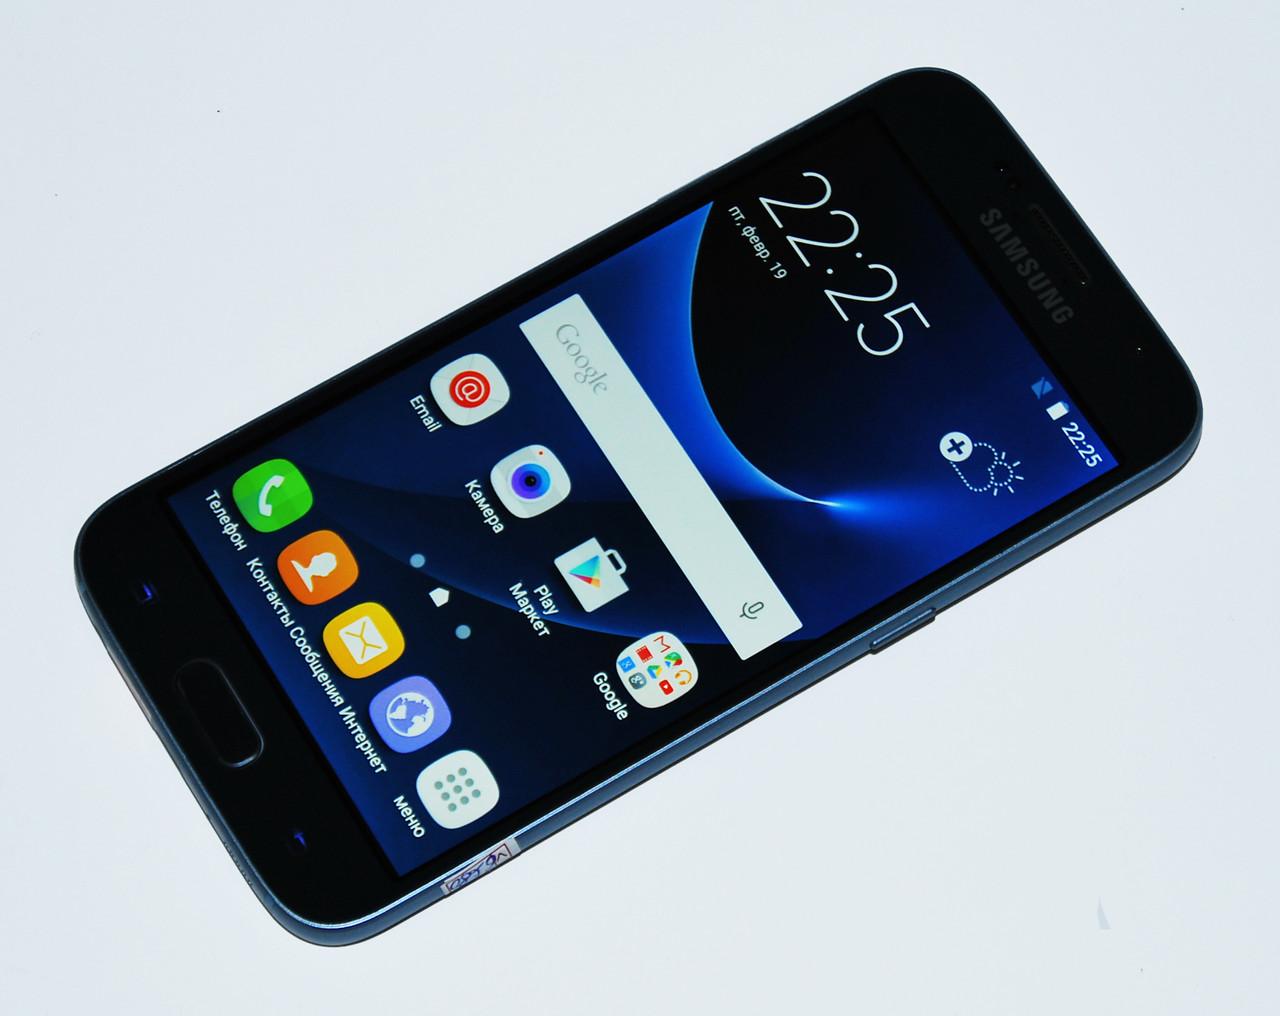 Купить телефон samsung андроид 4 oneplus one купить связной